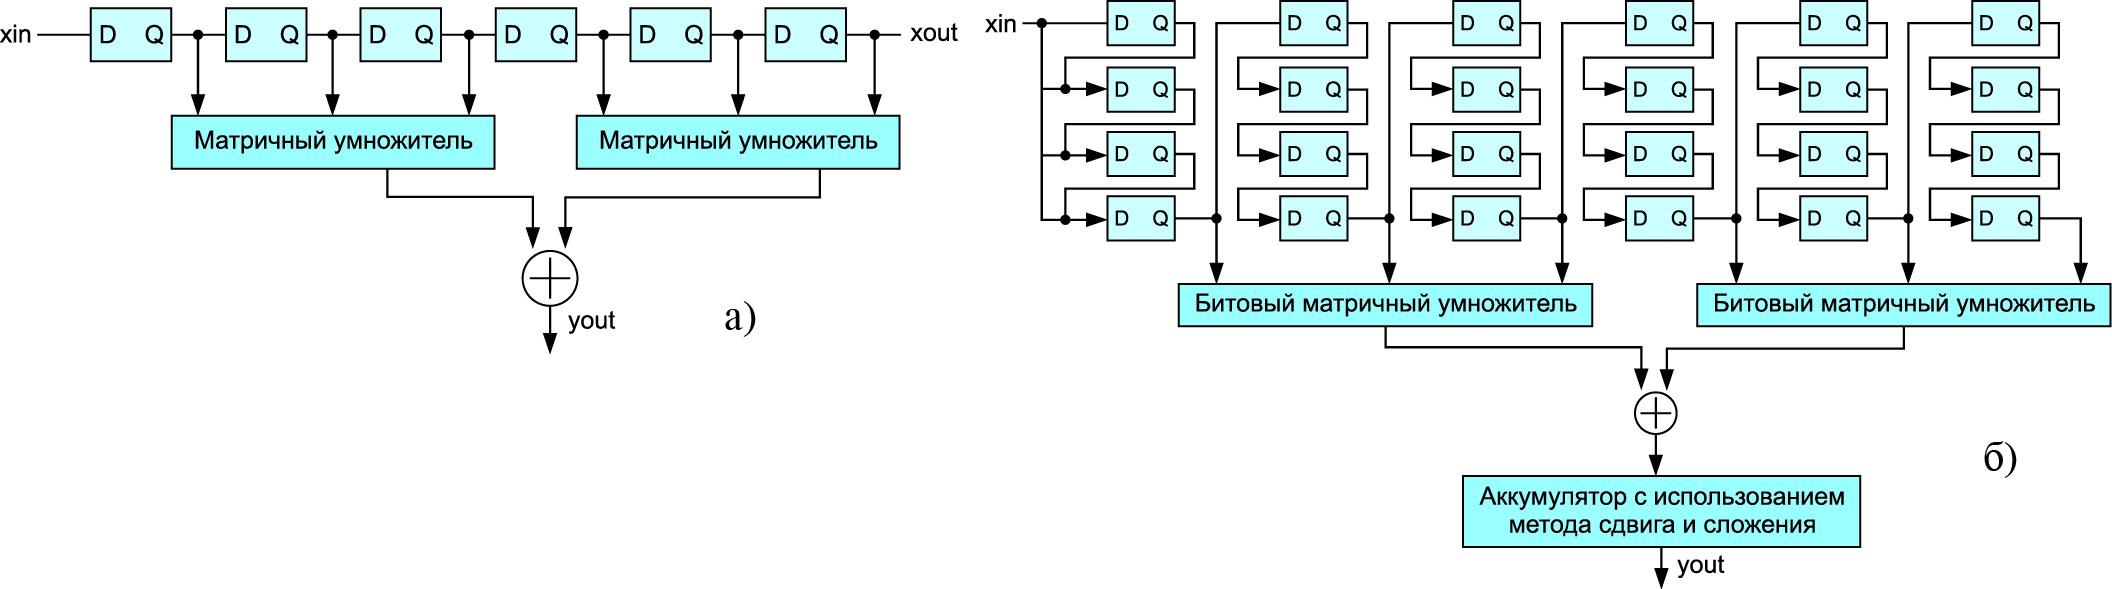 Обобщенное представление структур КИХ-фильтров